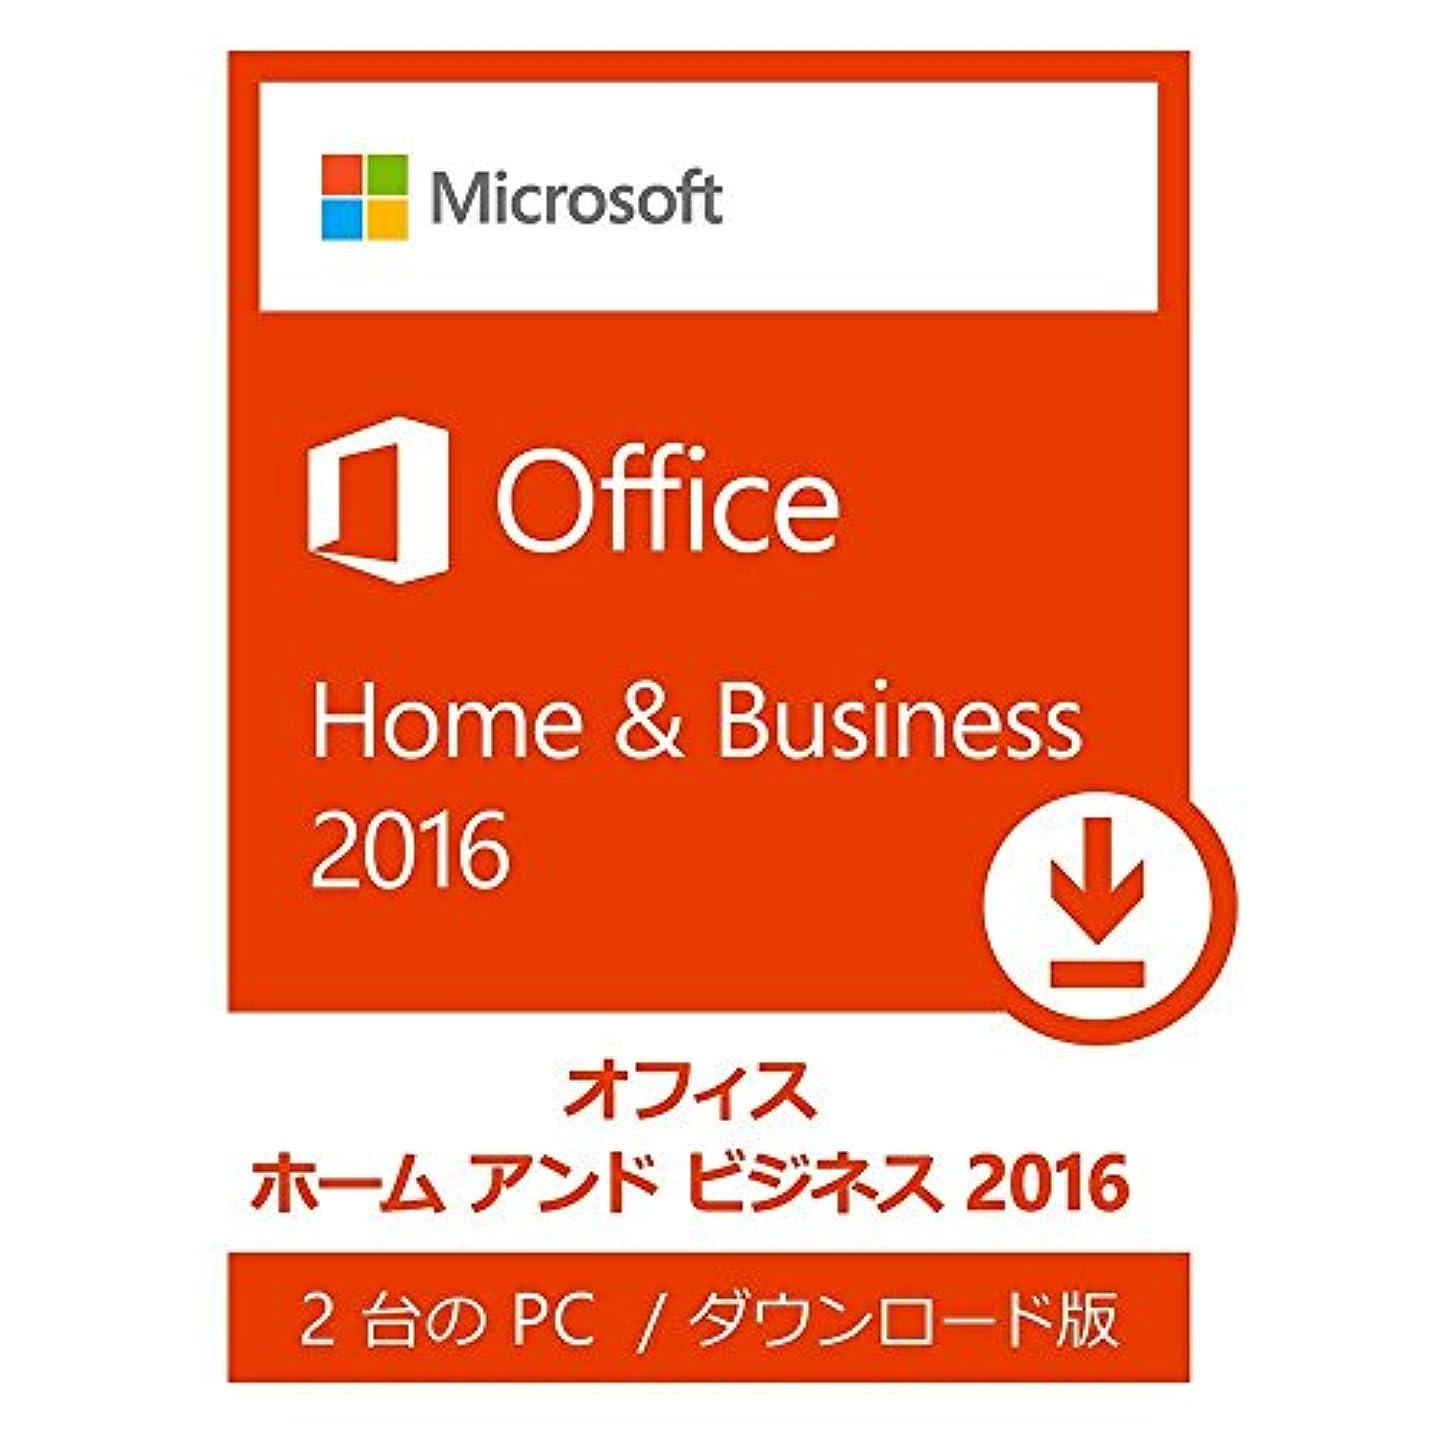 共同選択拷問断線Microsoft Office Home and Business 2016 (永続版) |オンラインコード版|Windows|PC2台